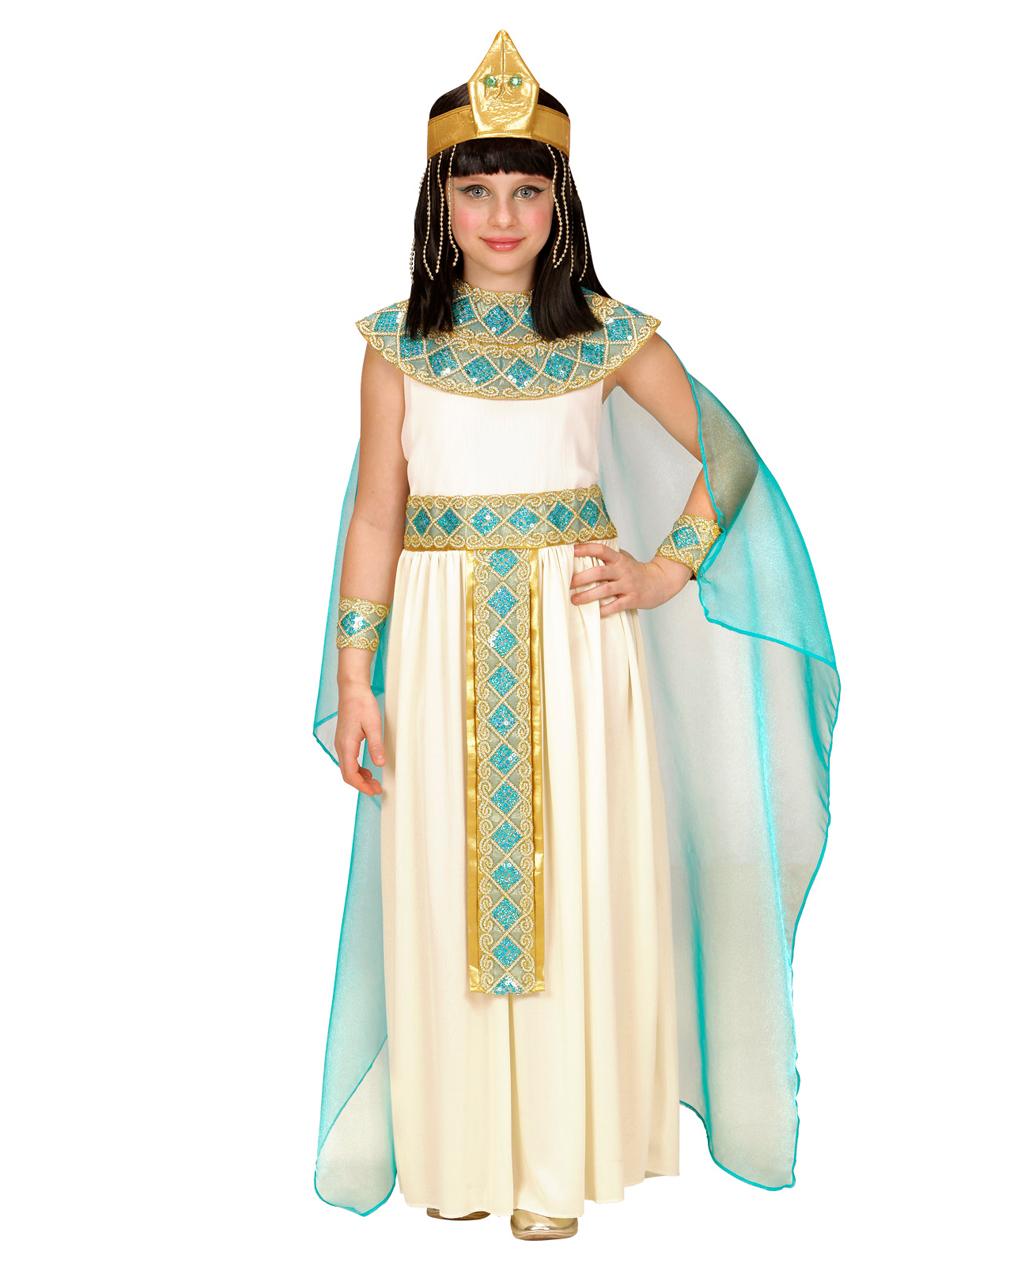 4 tlg cleopatra kinderkost m deluxe kaufen karneval universe. Black Bedroom Furniture Sets. Home Design Ideas